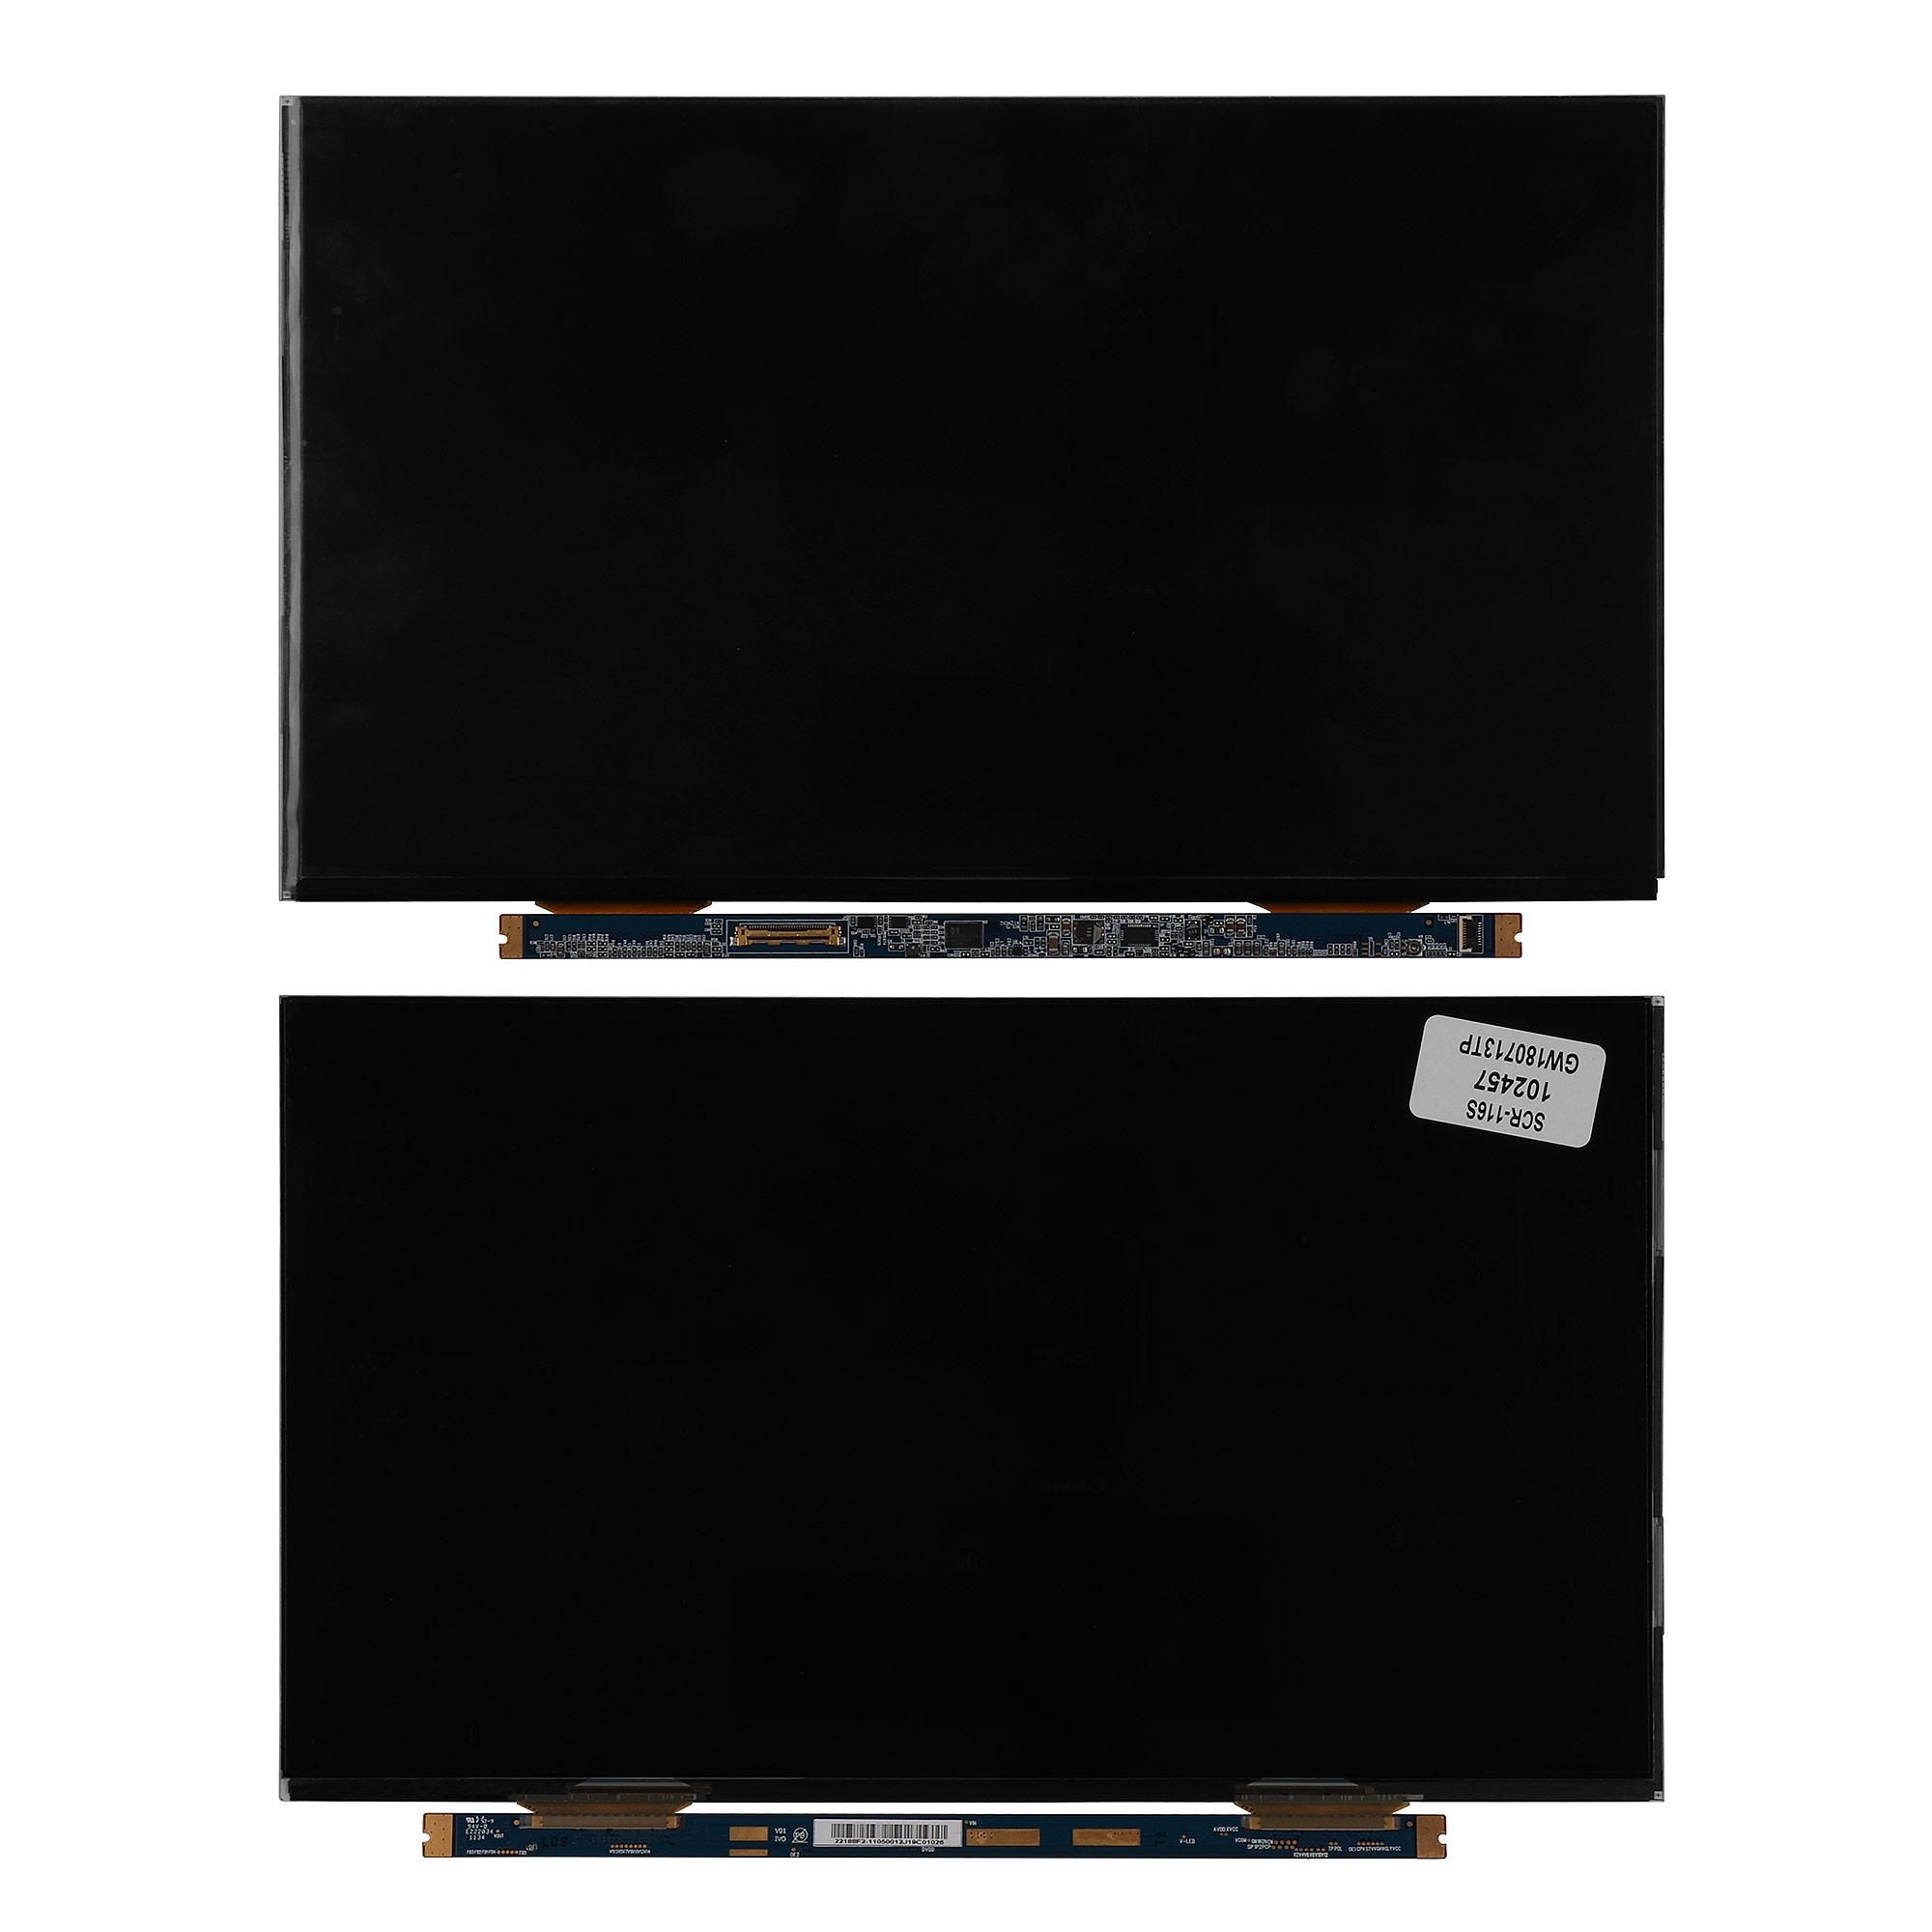 Запчасти для ремонта теле, видео, аудио 11.6 1366x768 30pin Slim LED. Глянцевая. PN: P116NWR1 R6